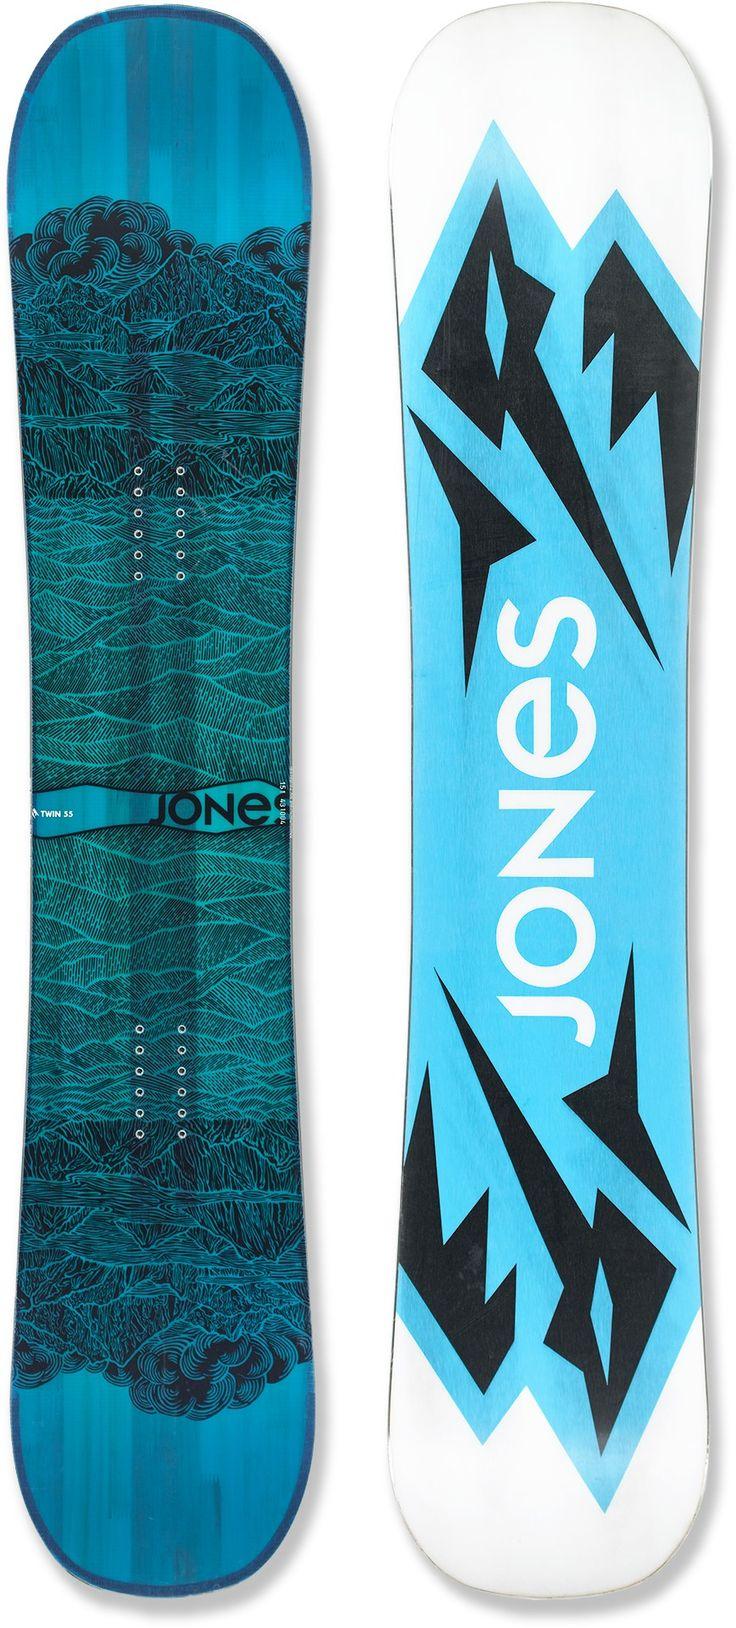 Jones Twin Sister Snowboard - Women's - 2012/2013  $479.00